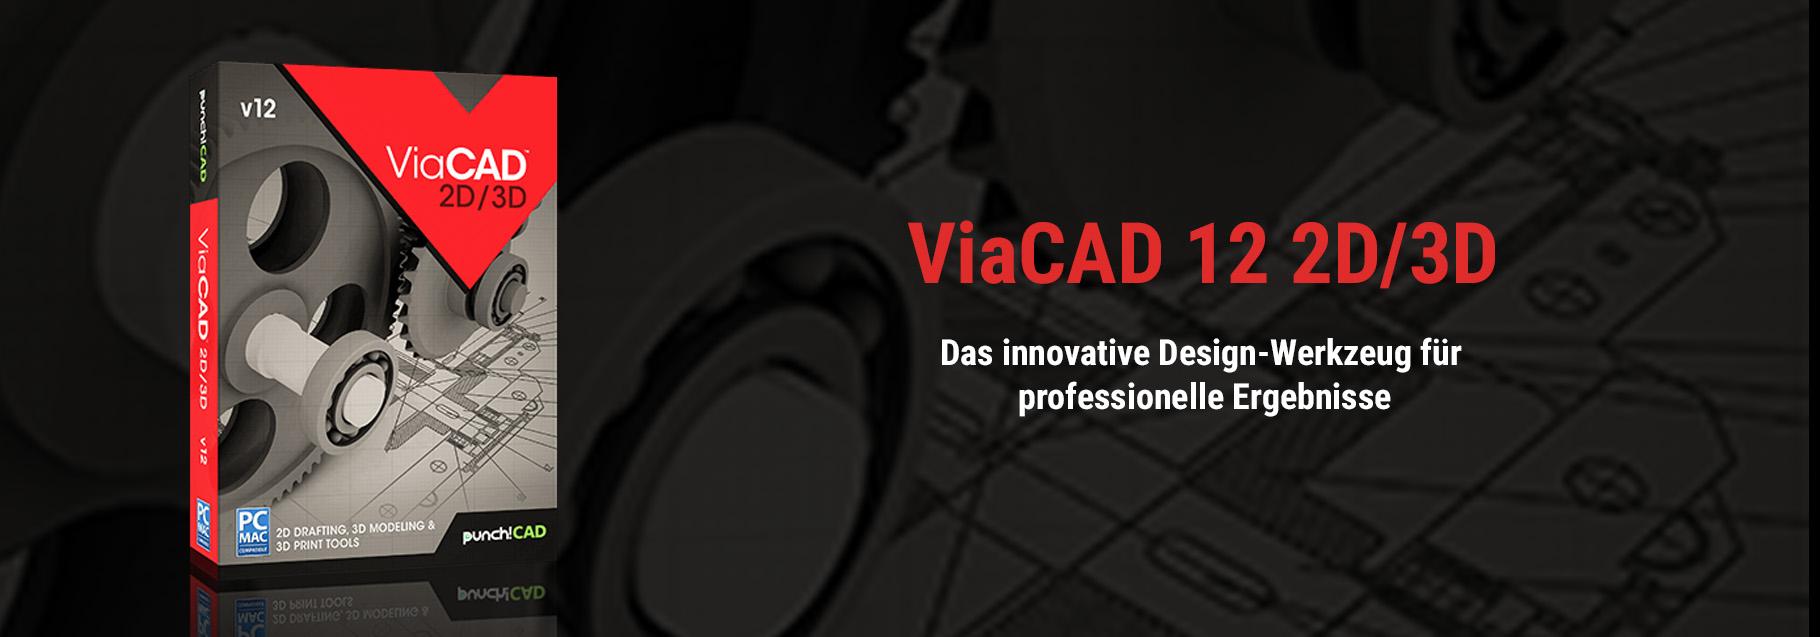 ViaCAD12_2D3D